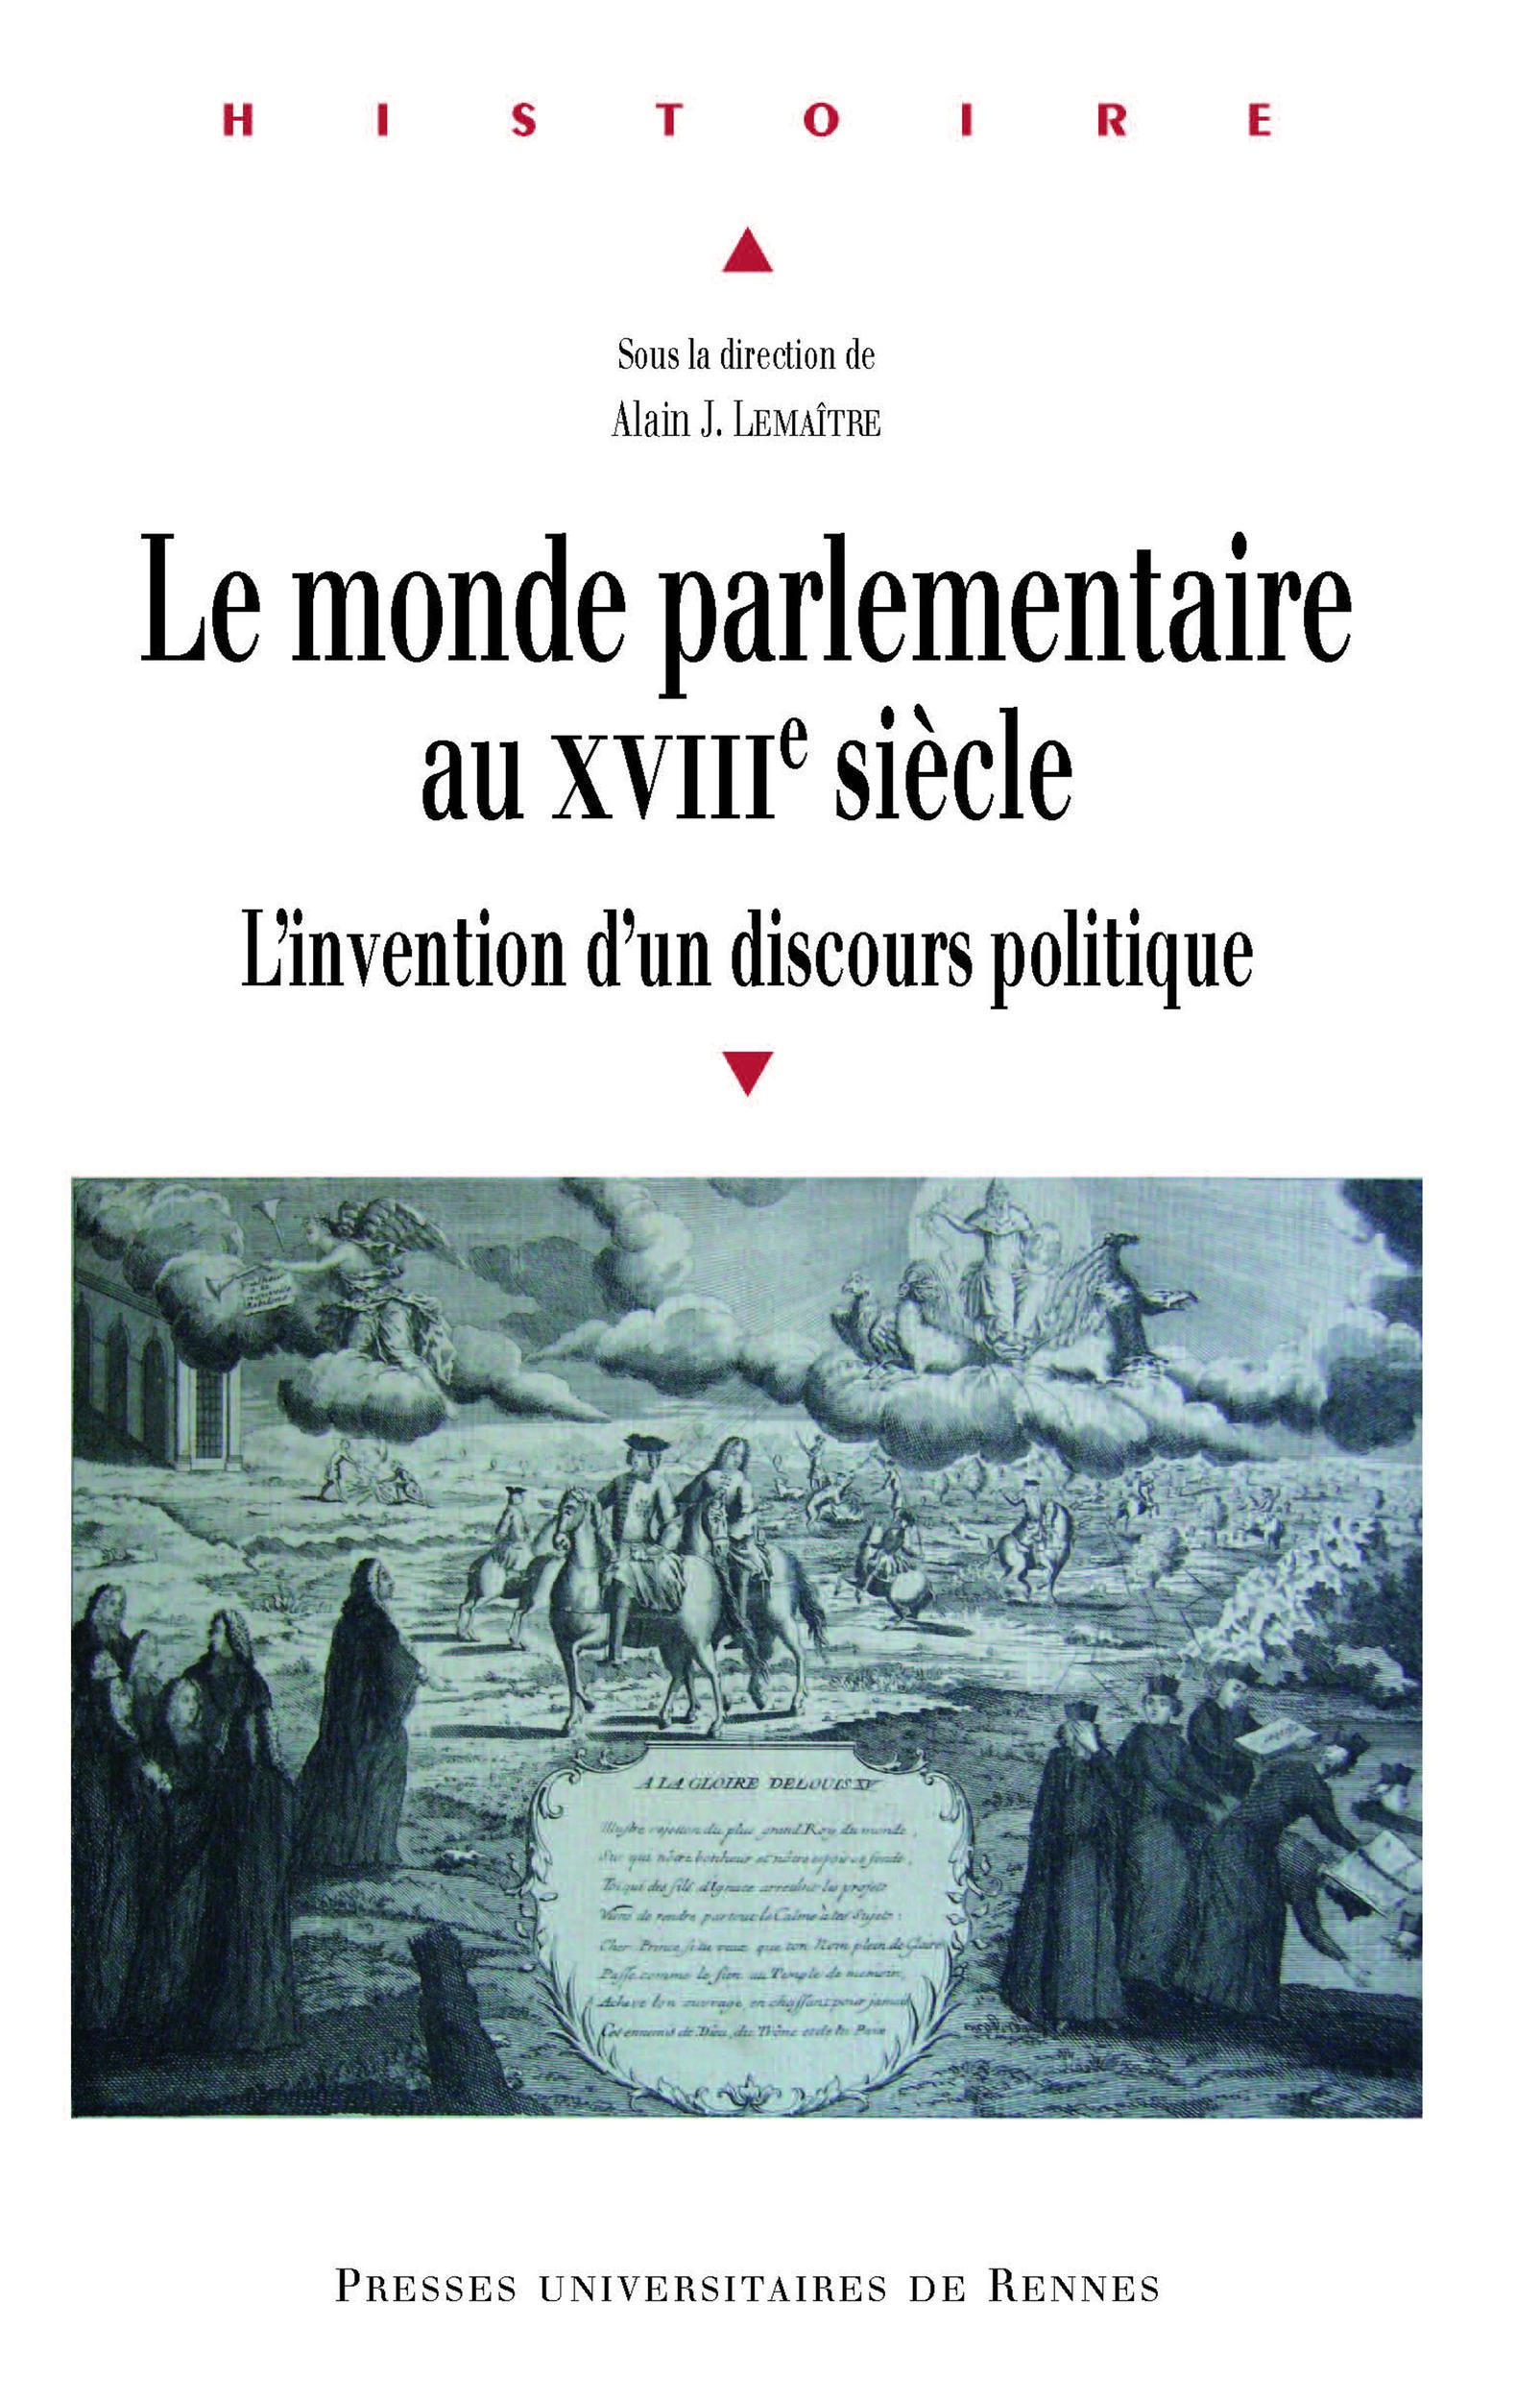 Le monde parlementaire au XVIII siècle ; l'invention d'un discours politique